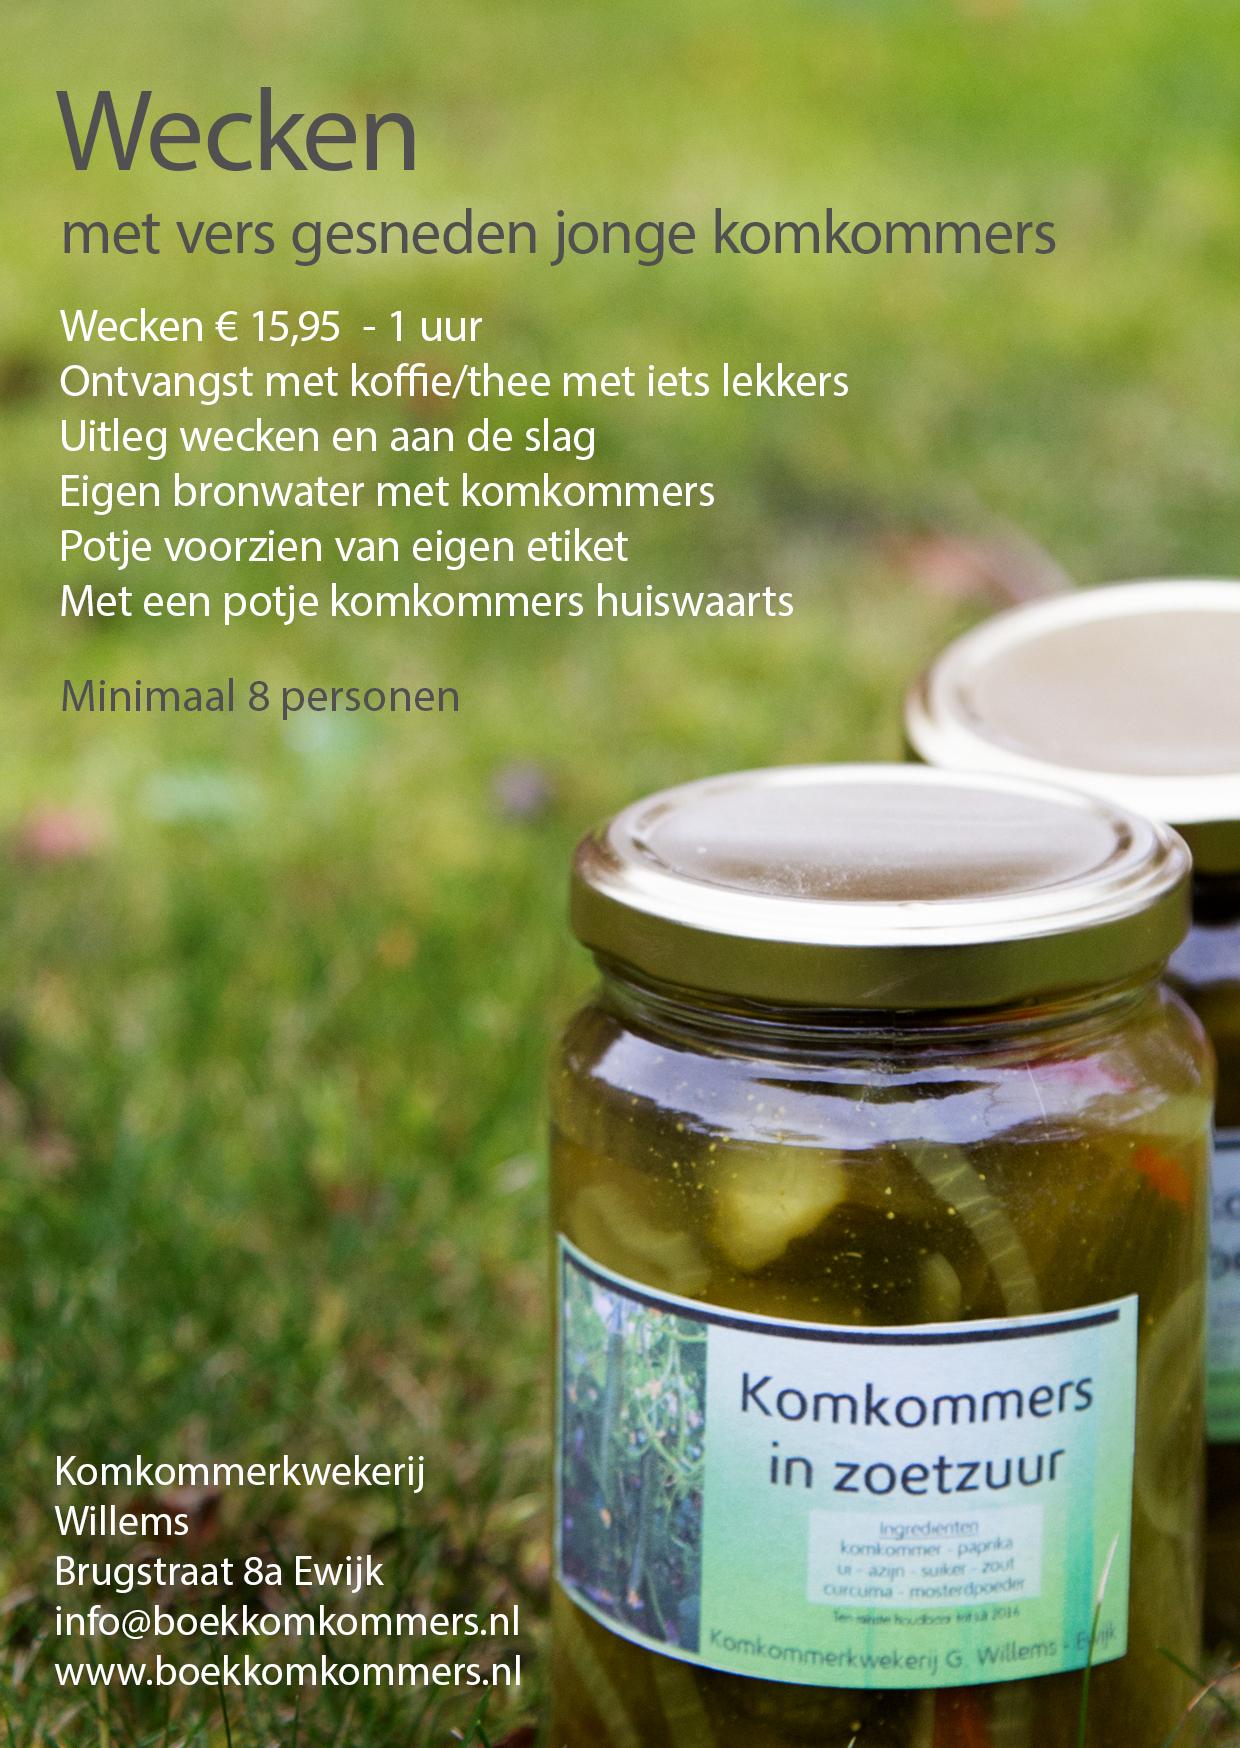 Flyer Wecken3